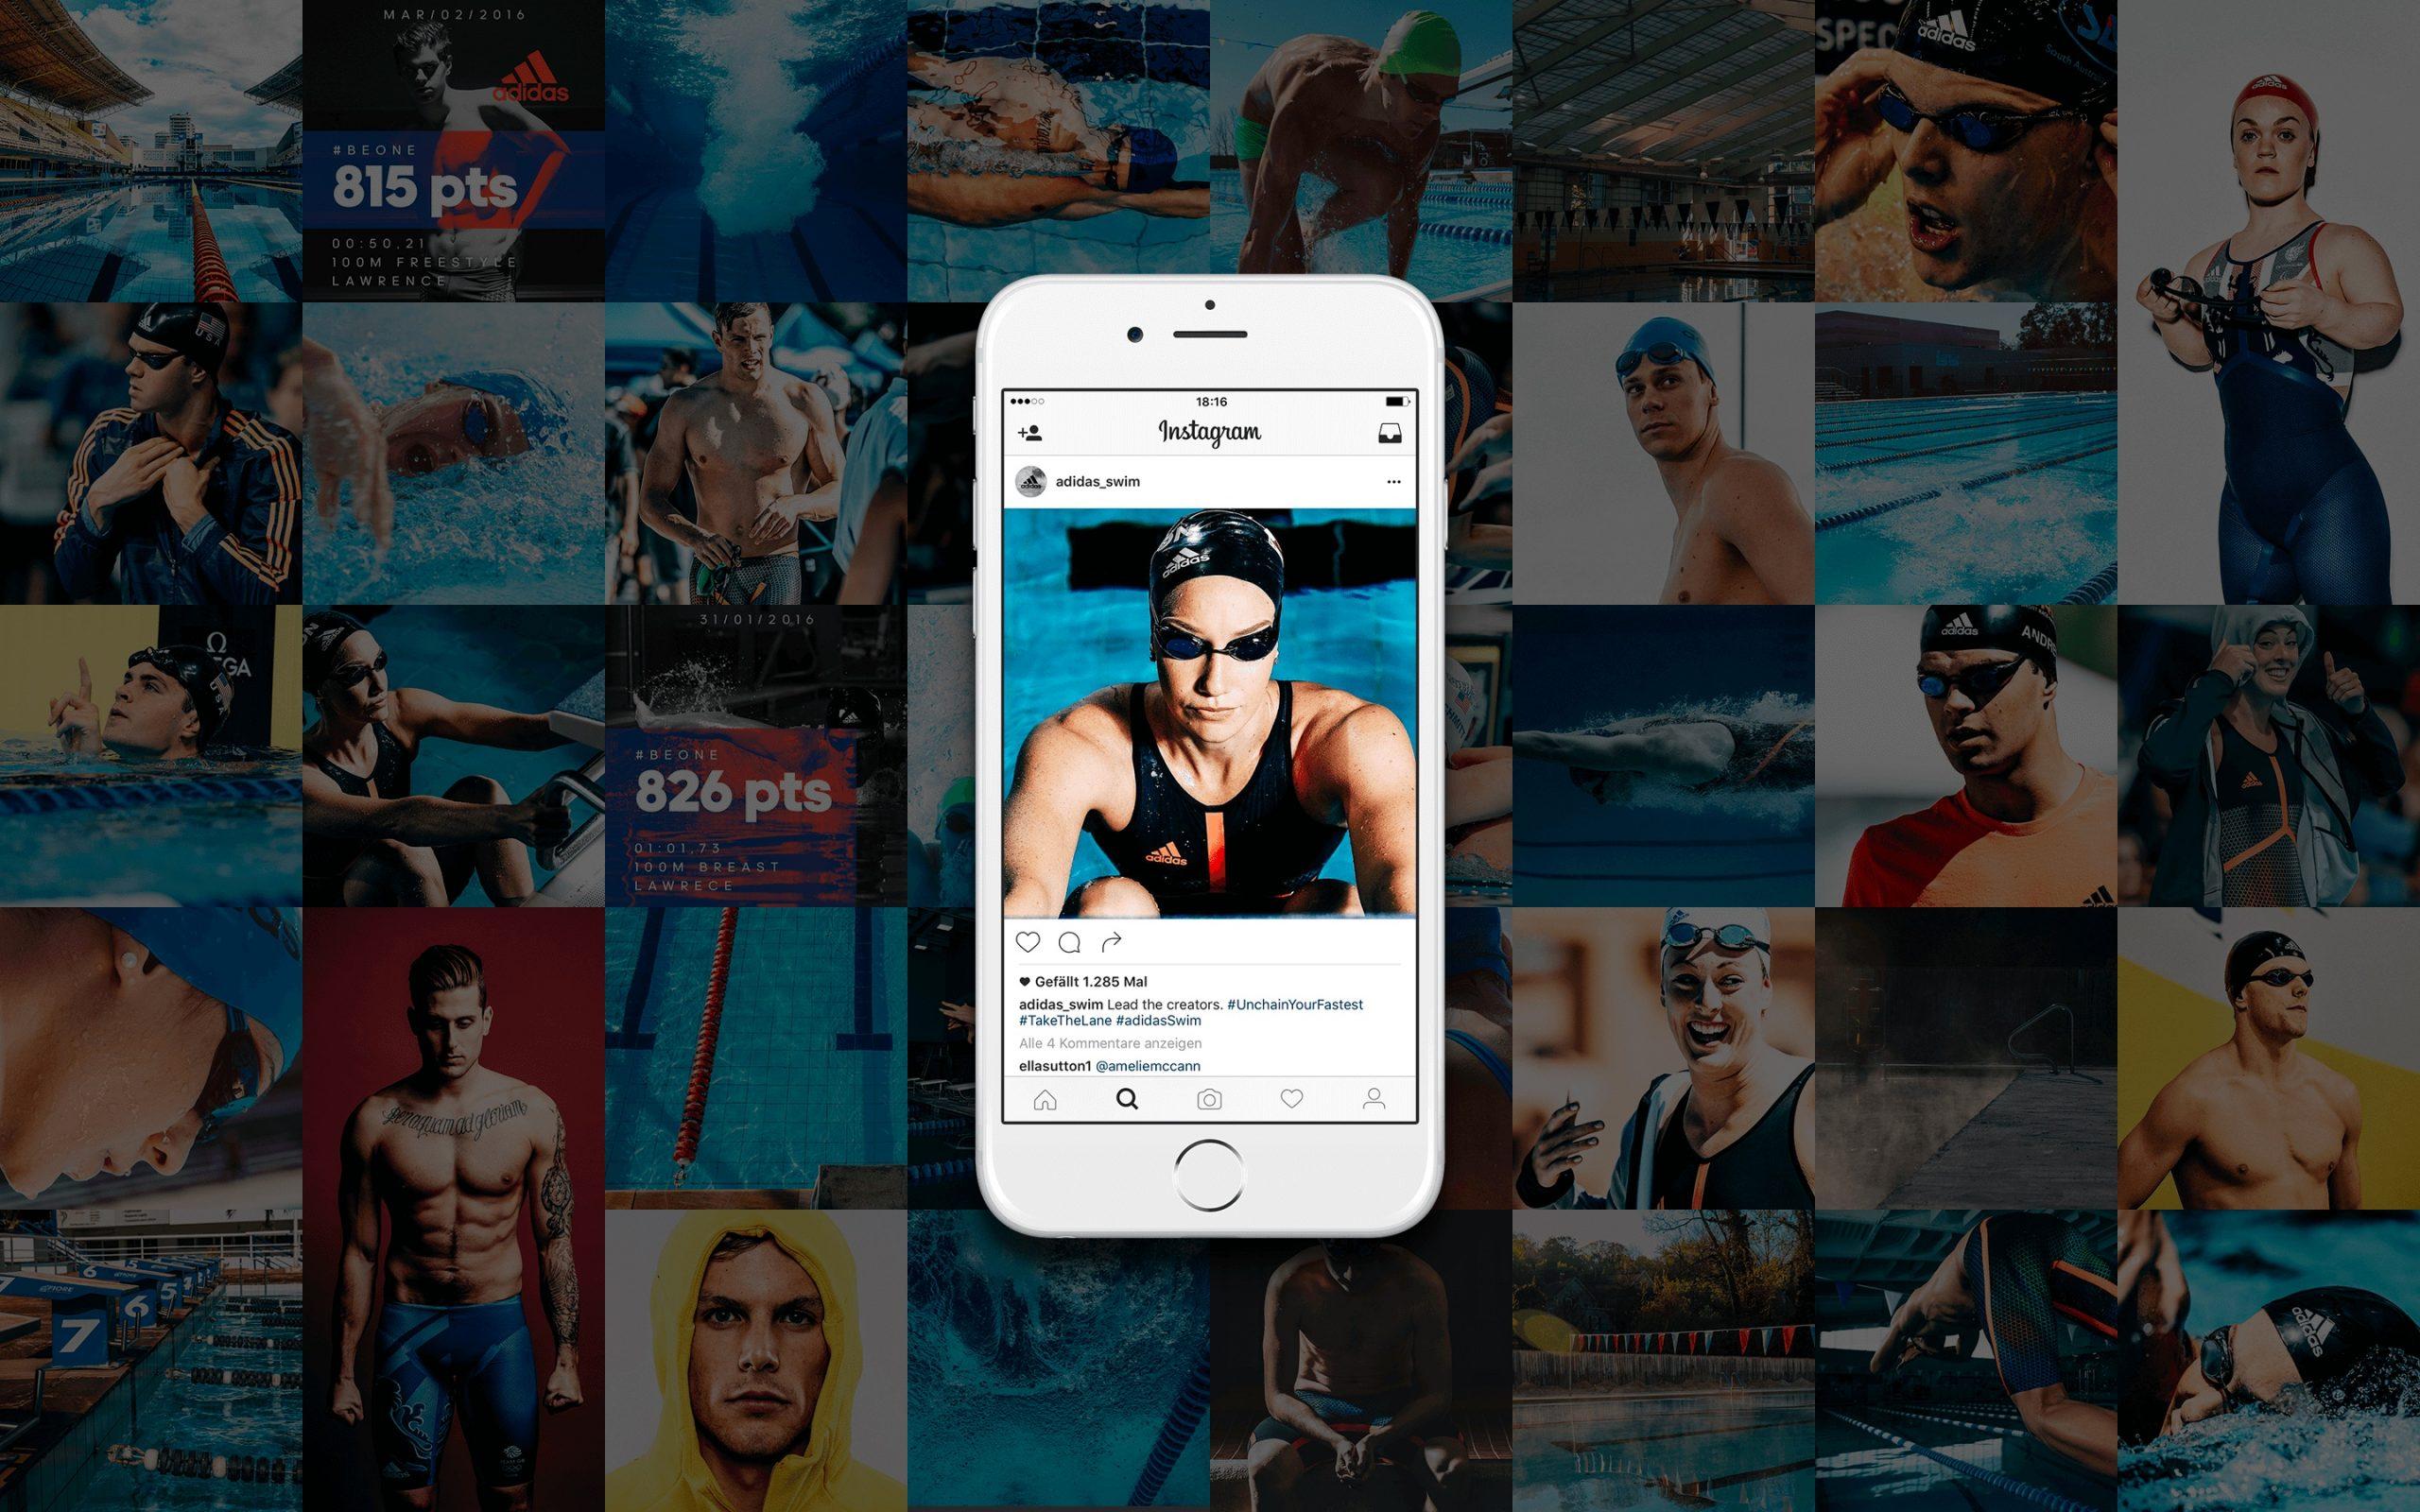 pascher-heinz-adidas-swim-adizero-xvi-socialmedia